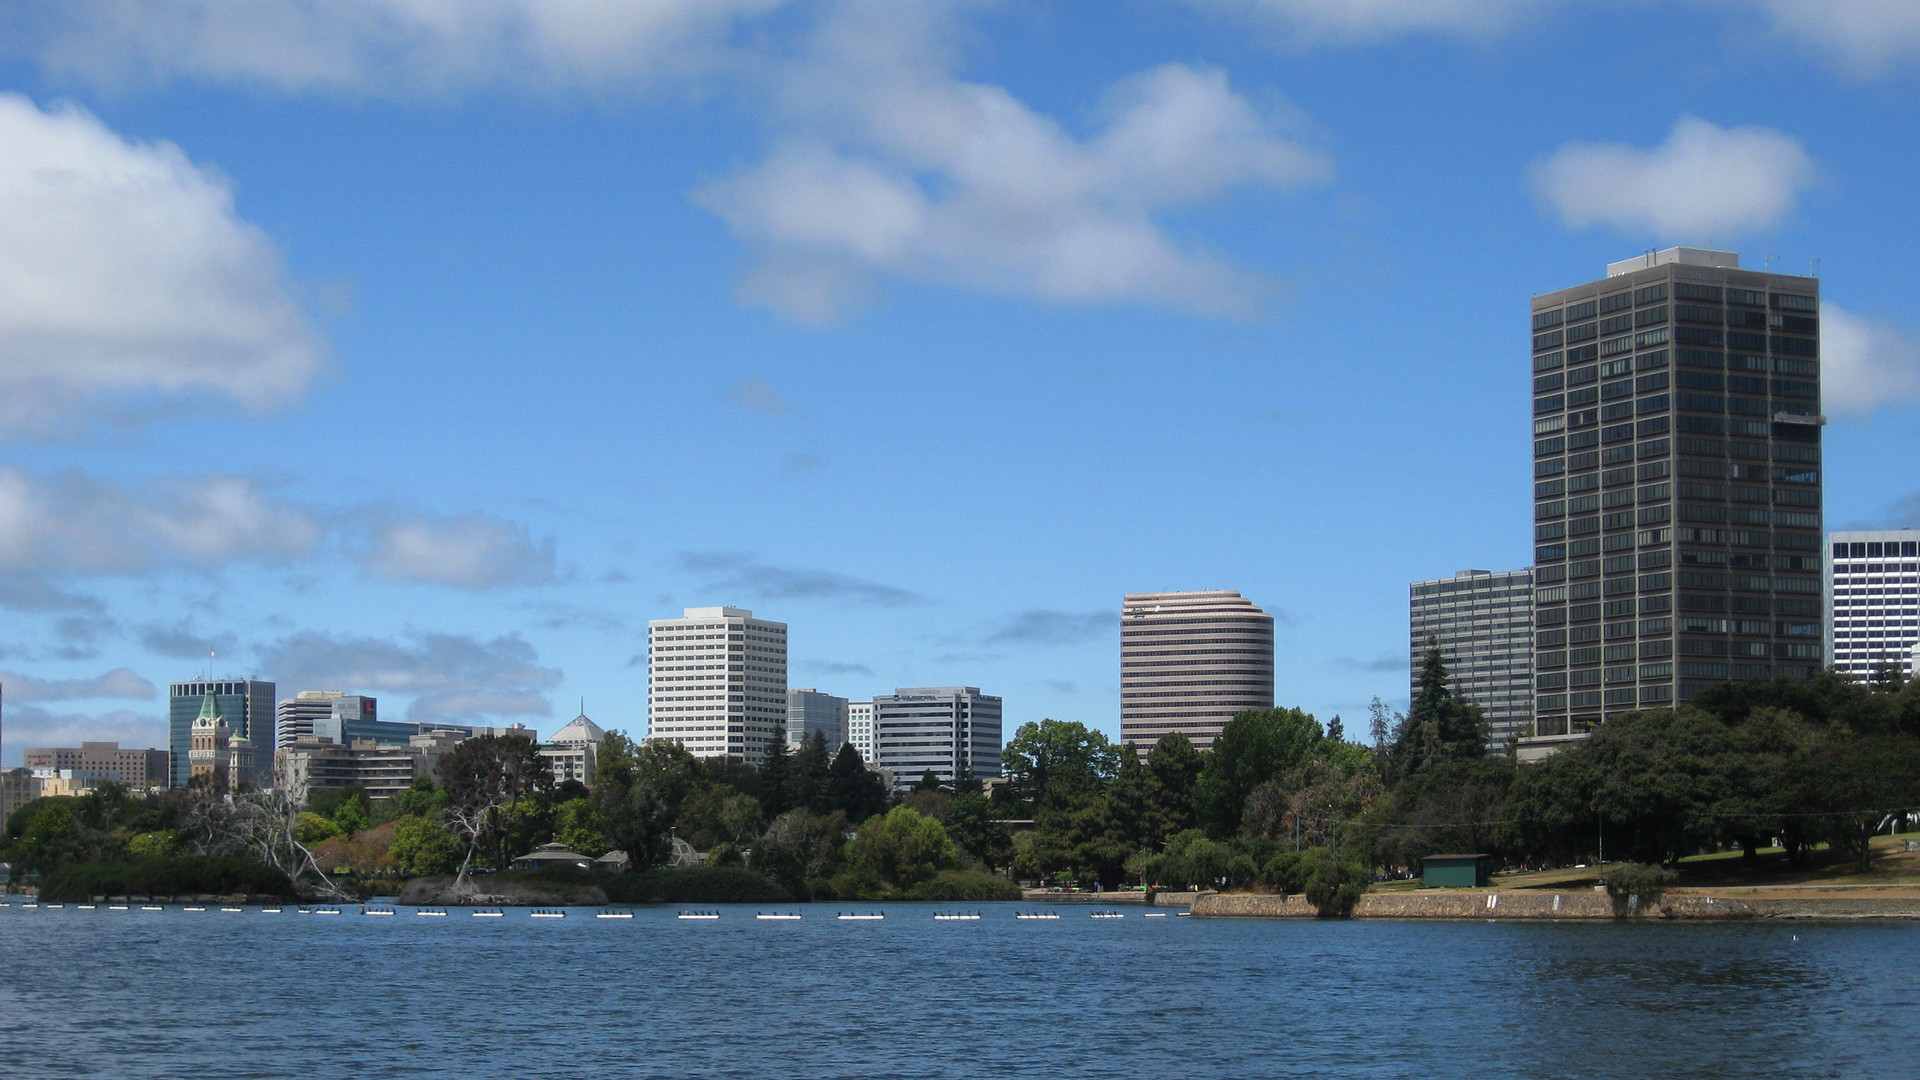 Downtown Oakland across Lake Merritt